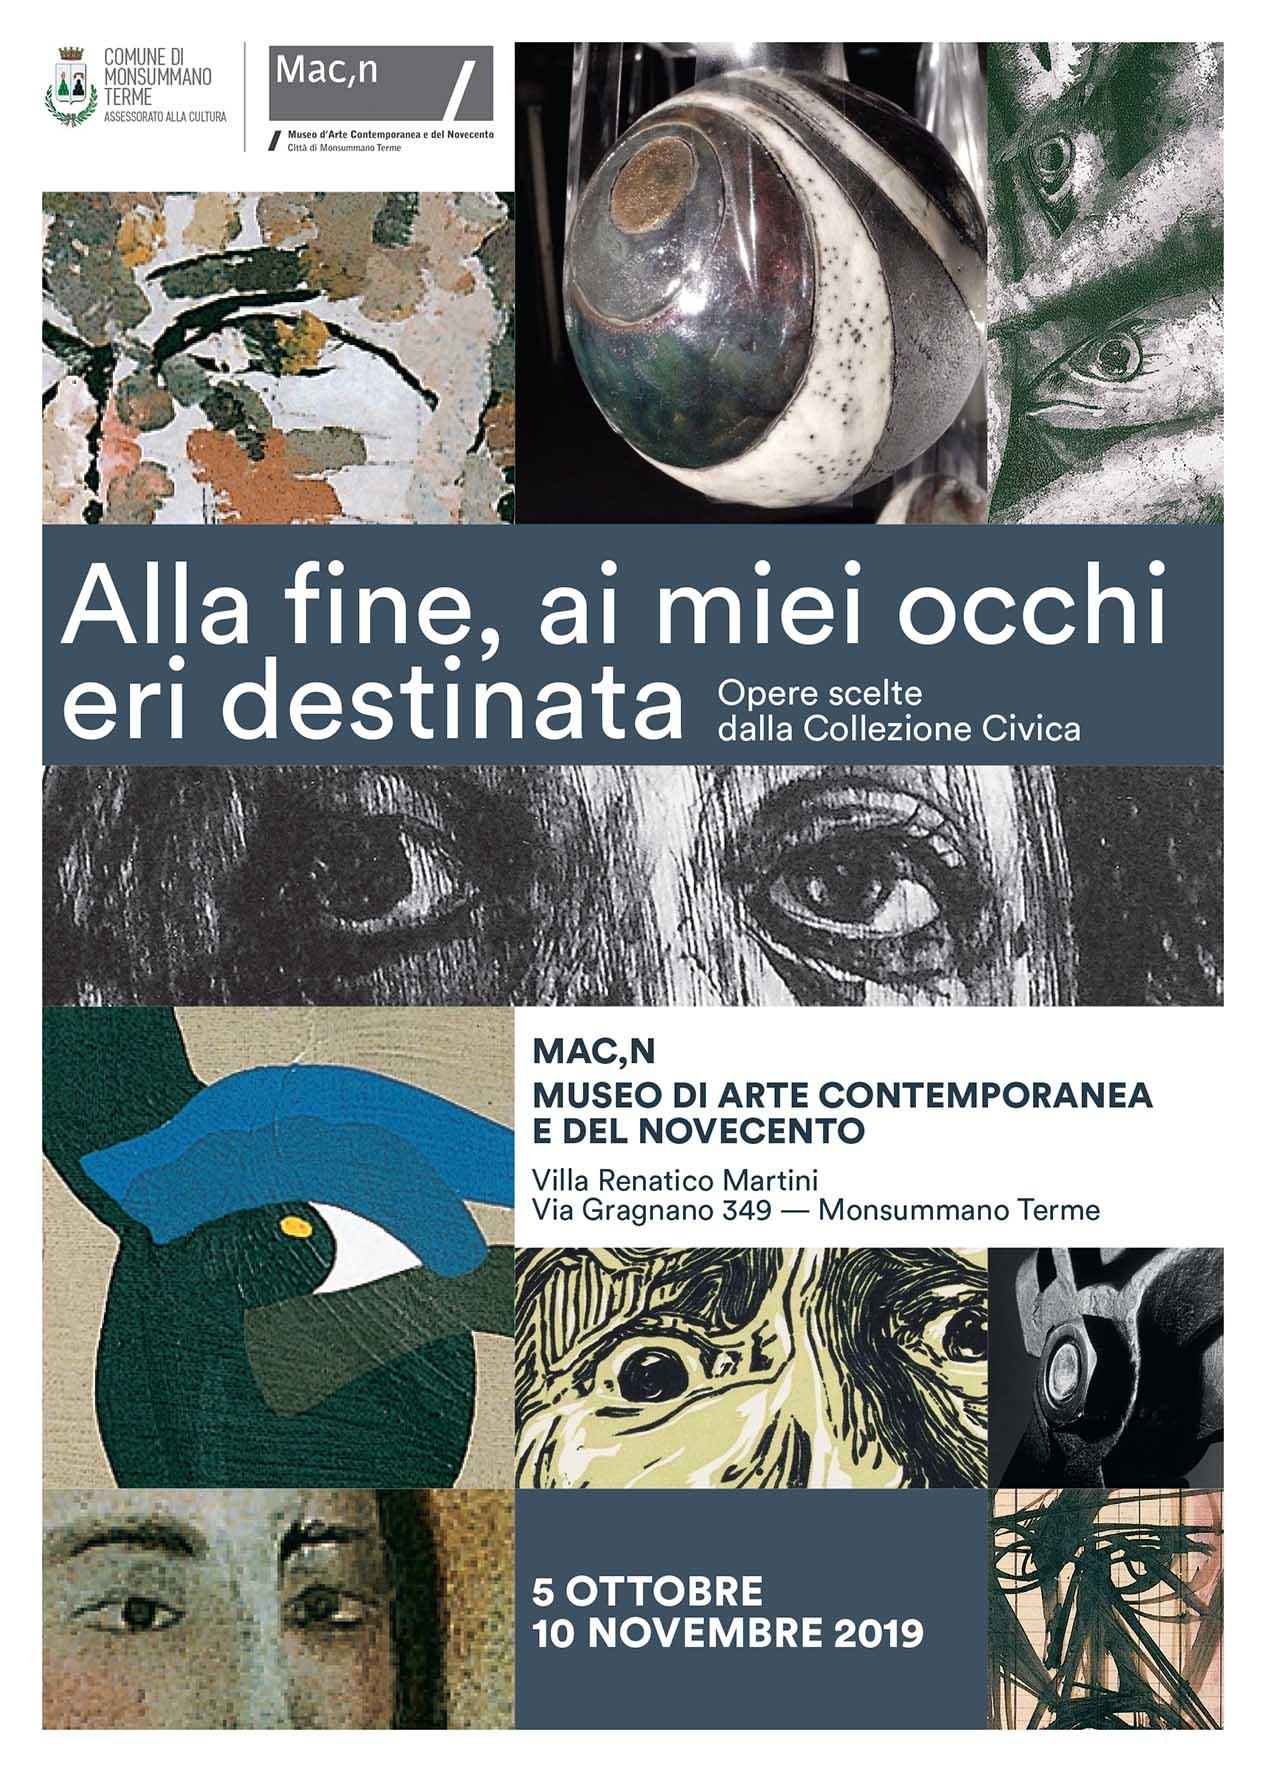 """Mostra """"Alla fine, ai miei occhi eri destinata"""" MACn Museo Arte Contemporanea e del Novecento a Monsummano Terme"""